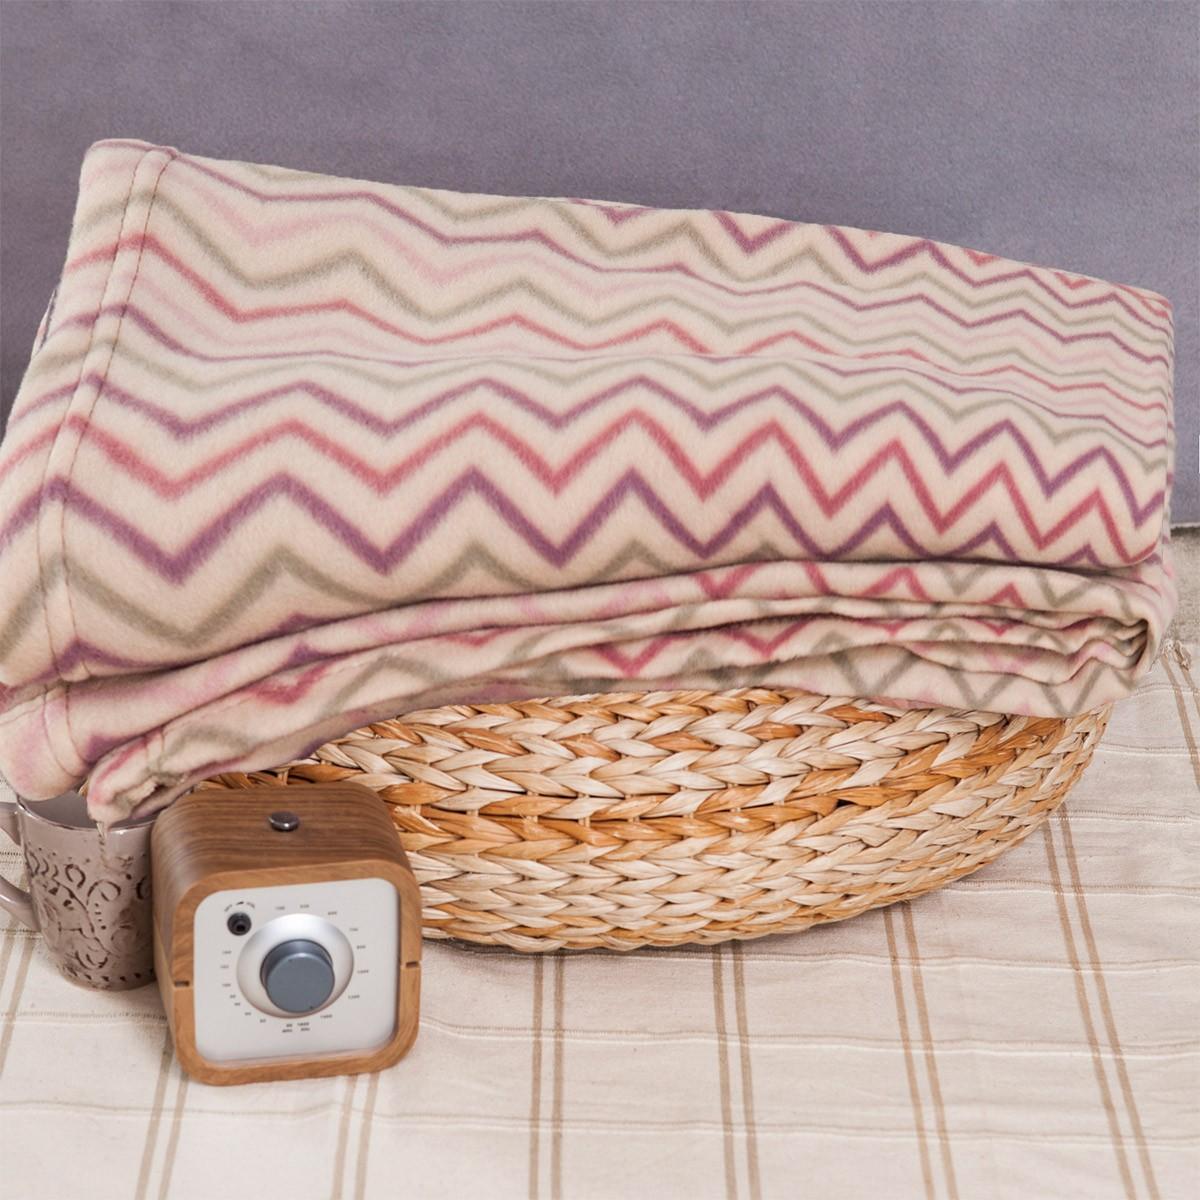 Κουβέρτα Fleece Μονή Melinen Zig Zag 85404